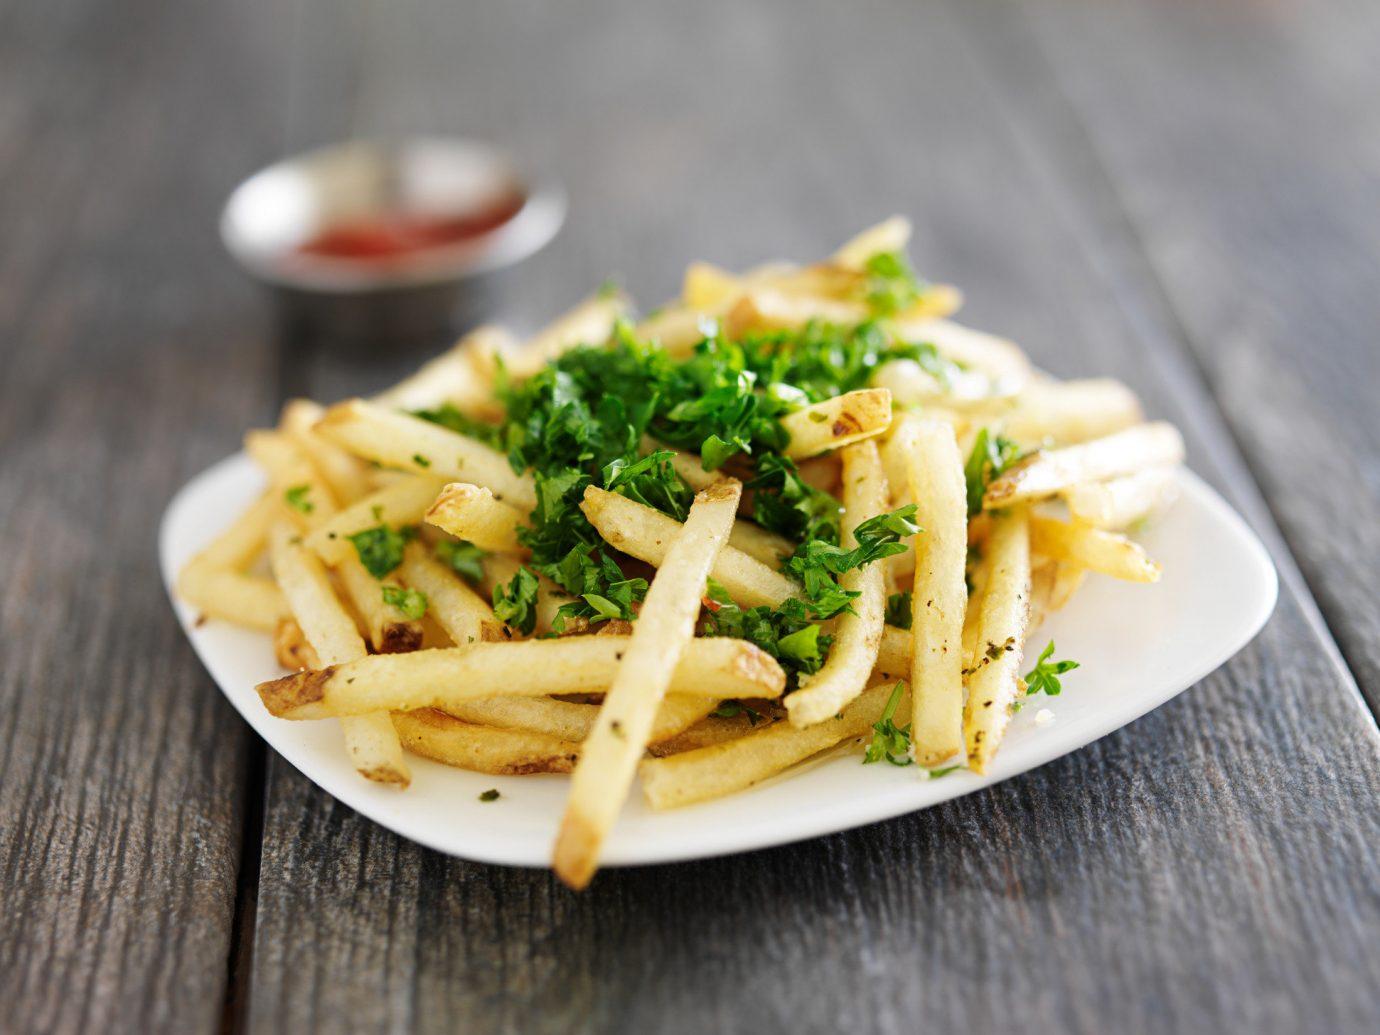 Food + Drink food table dish cuisine produce vegetable wooden vegetarian food spaghetti italian food